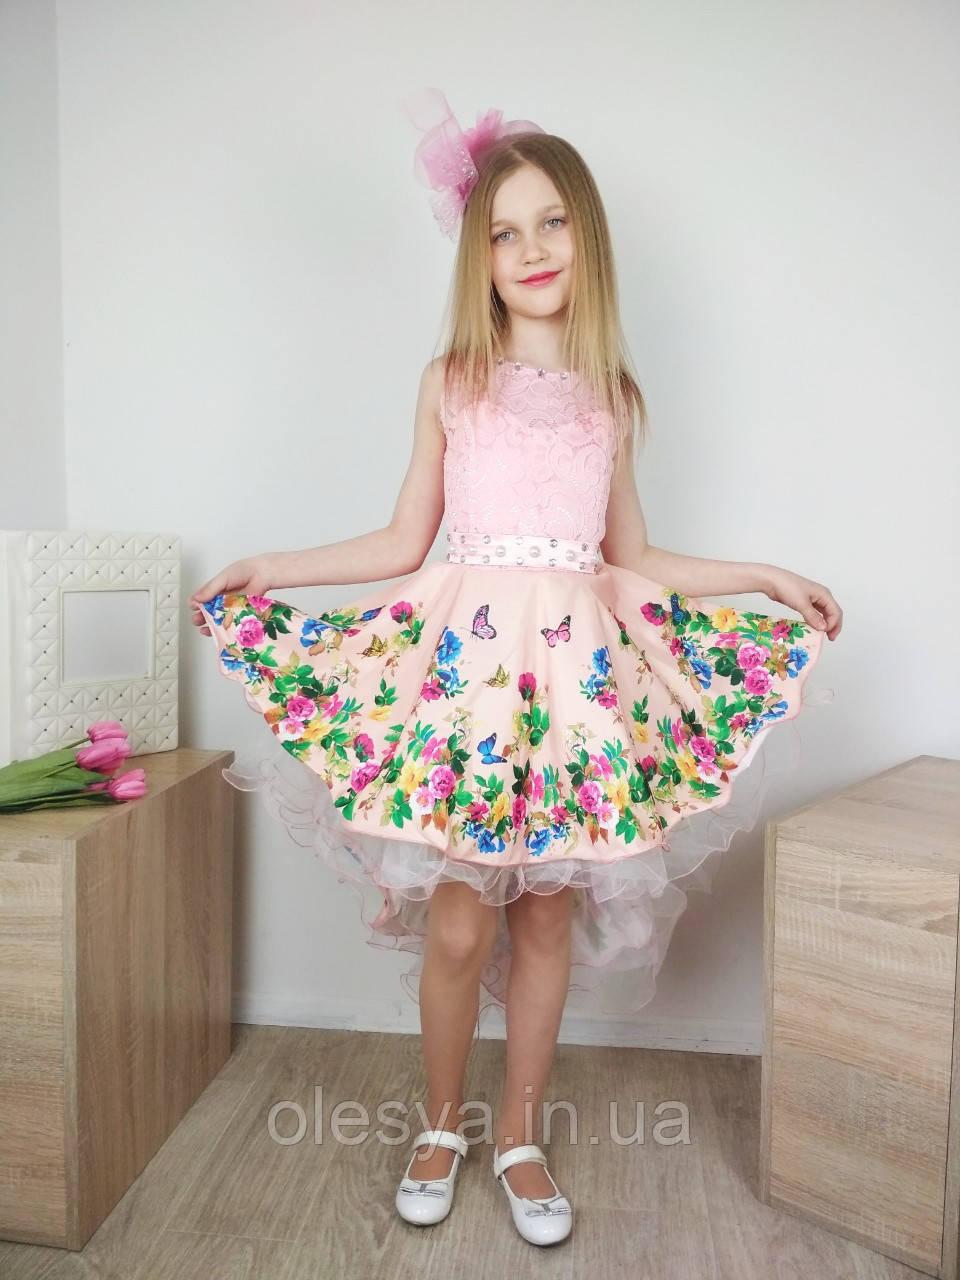 Платье детское нарядное со шлейфом Размеры от 4 до 10 лет